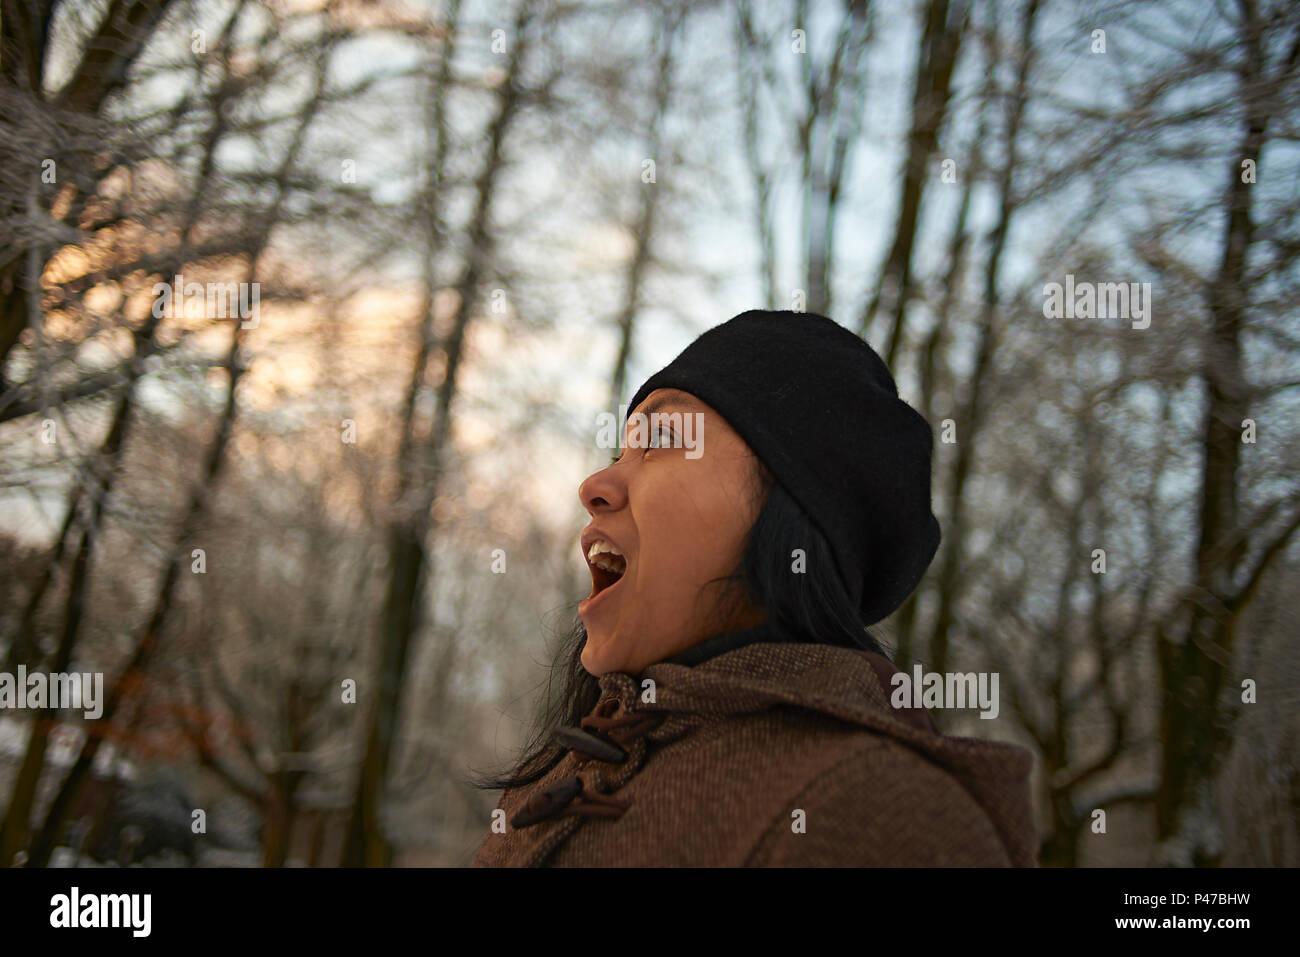 Vista de perfil de una mujer asiática en ropa de invierno en un bosque al amanecer experimentando la nieve por primera vez en sol de invierno Foto de stock